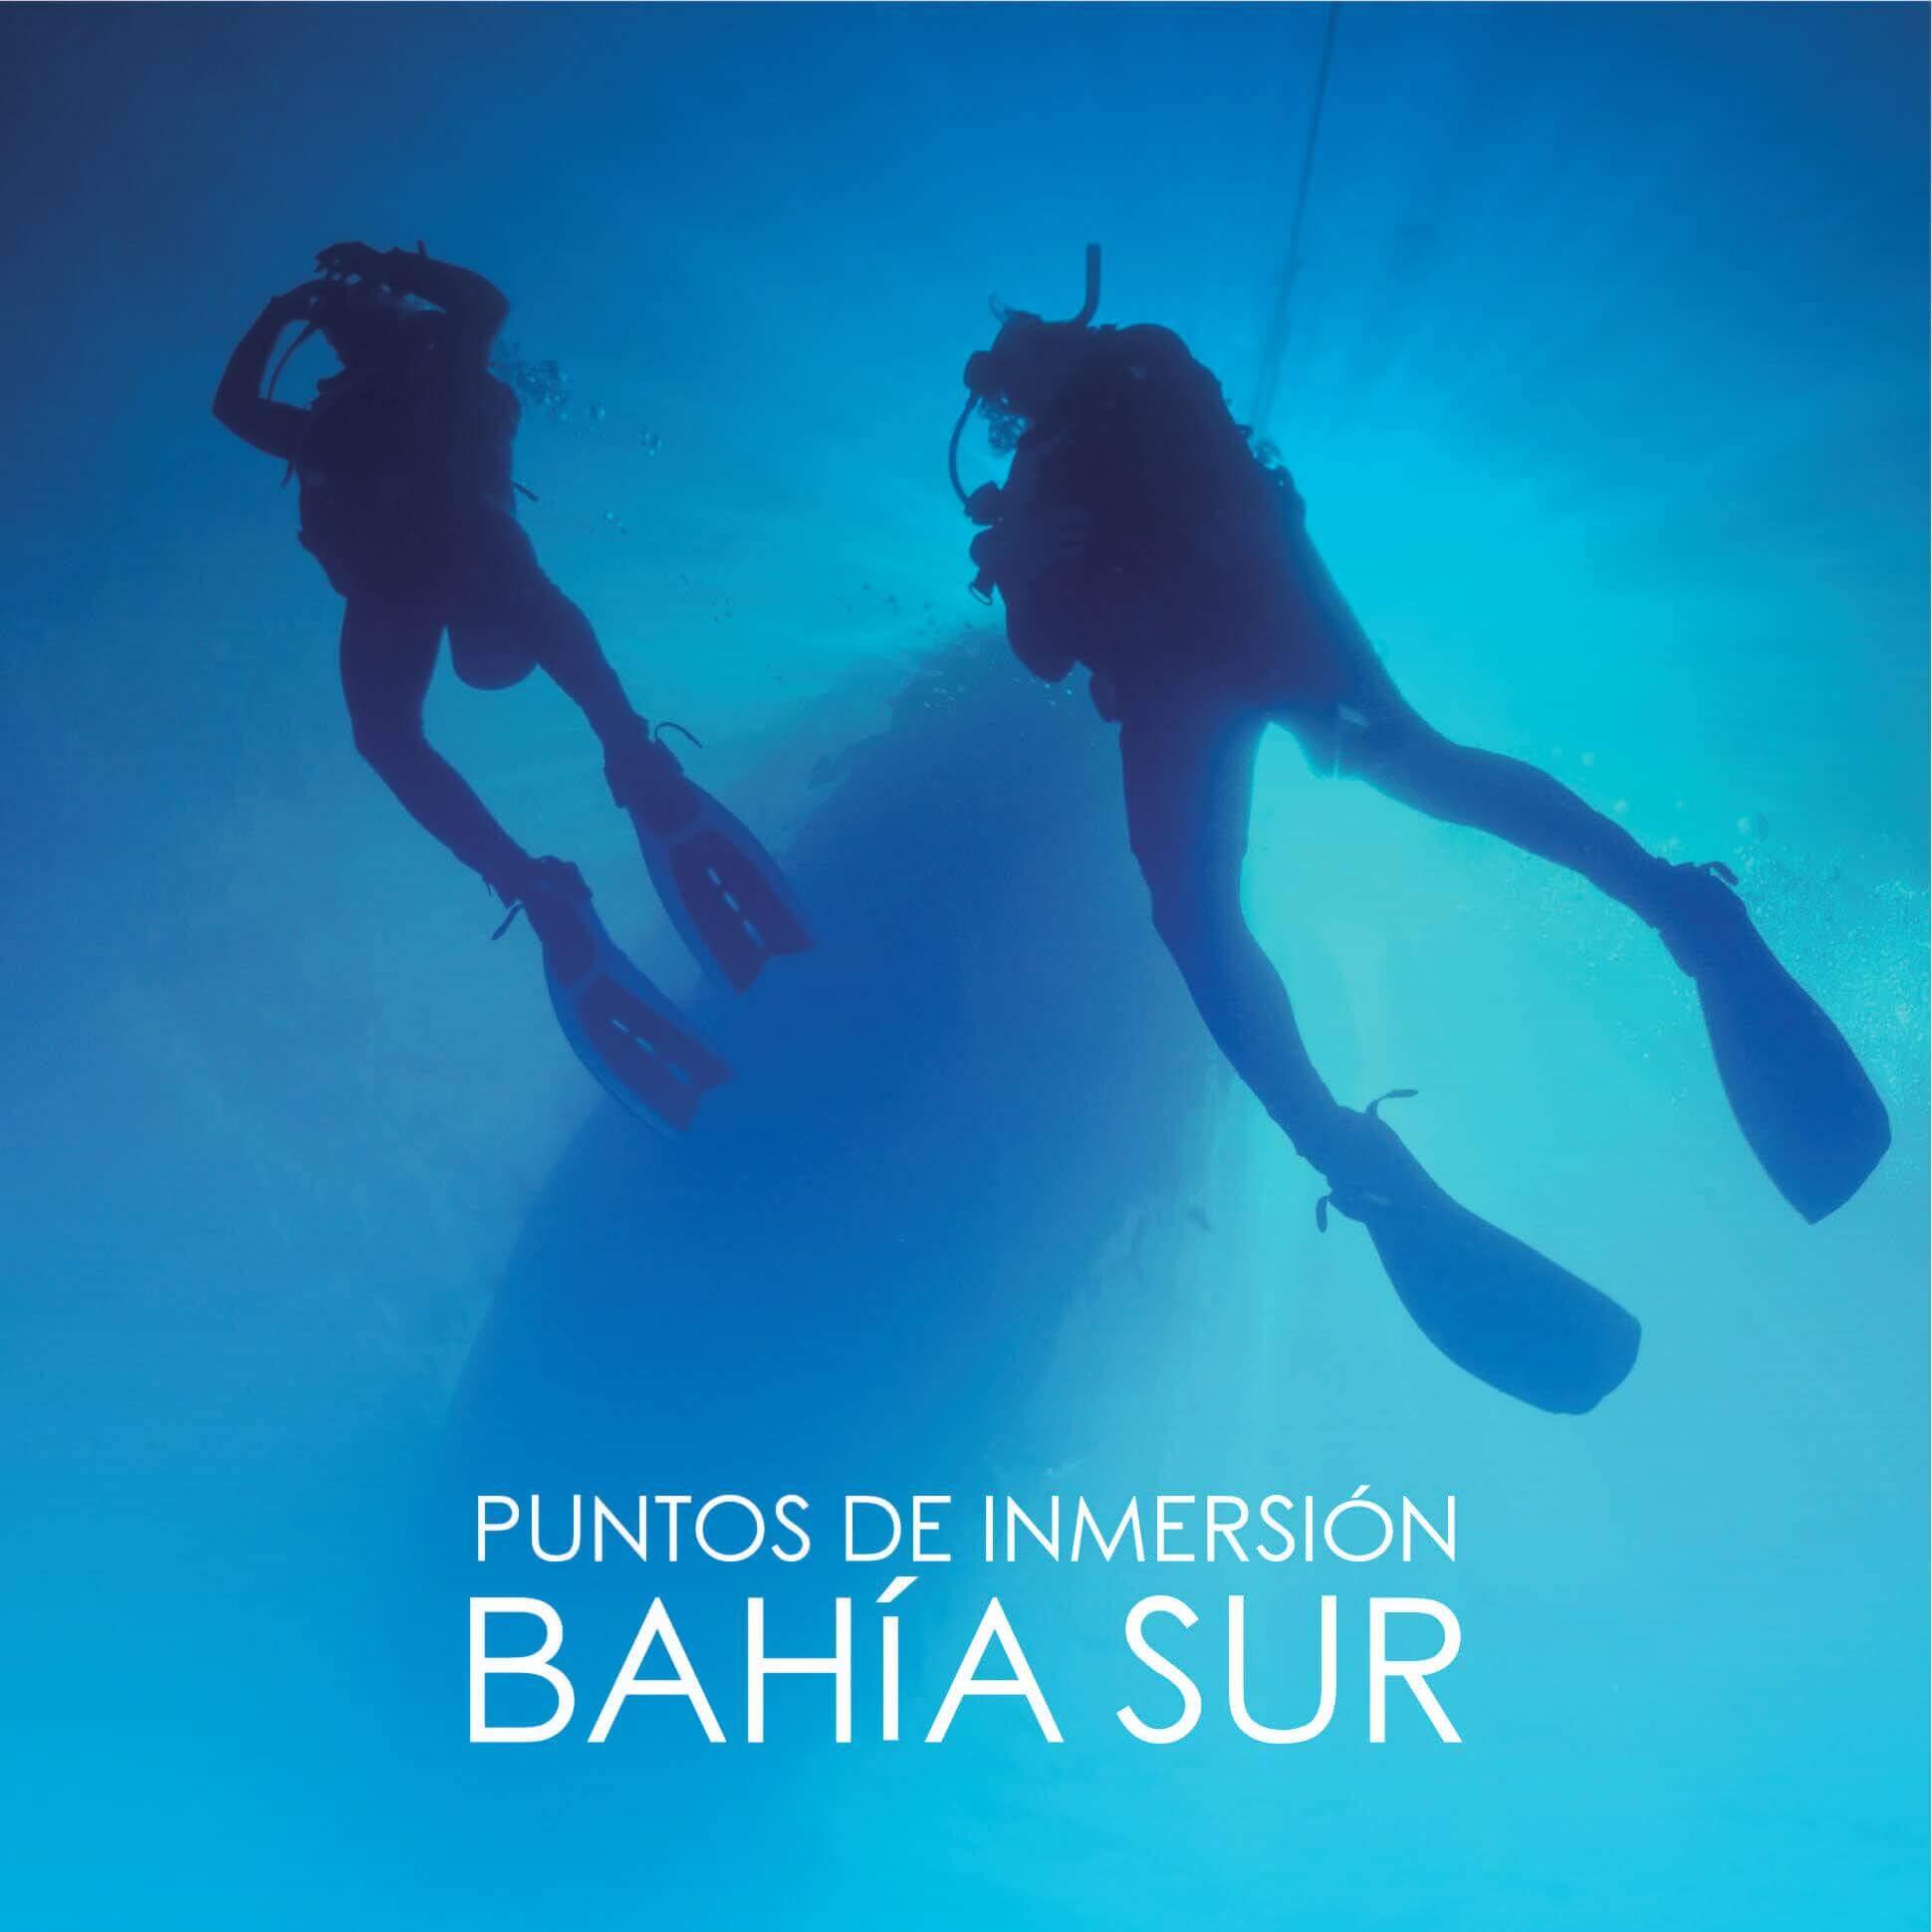 Puntos de Inmersión de la Bahia Sur de Ceuta